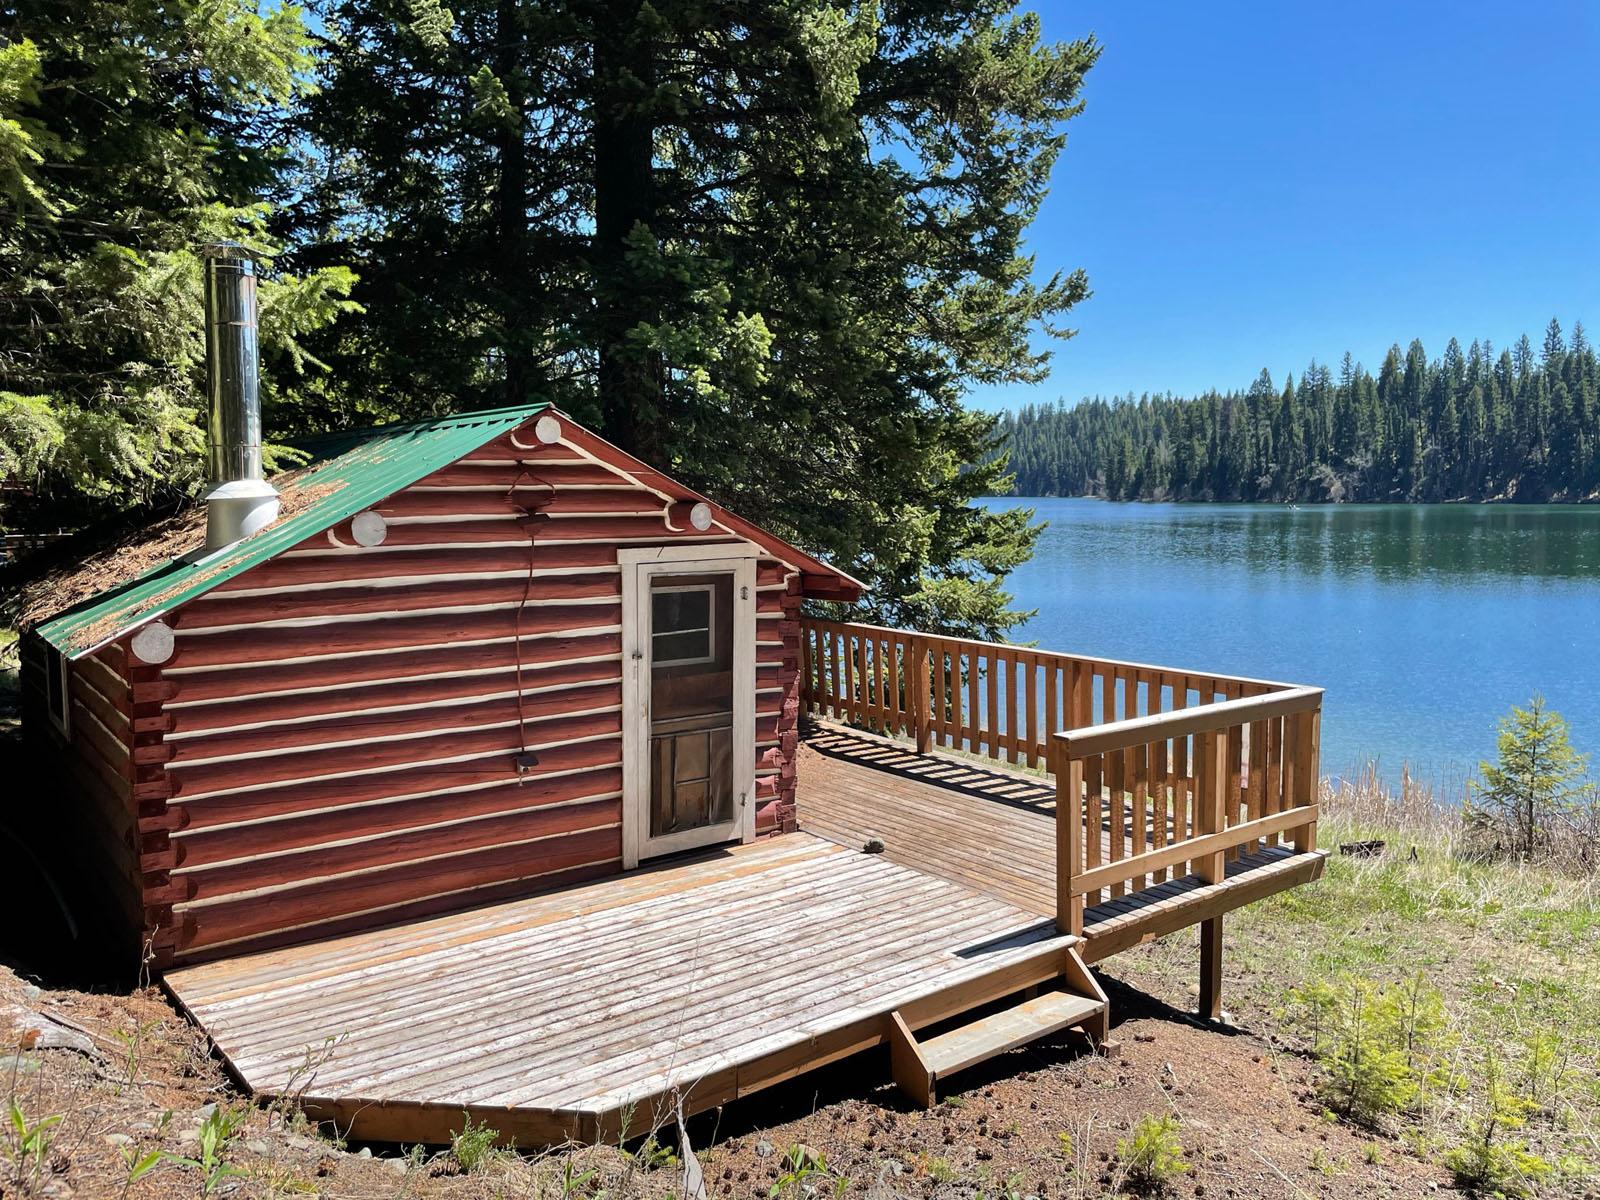 Fawn lake 22